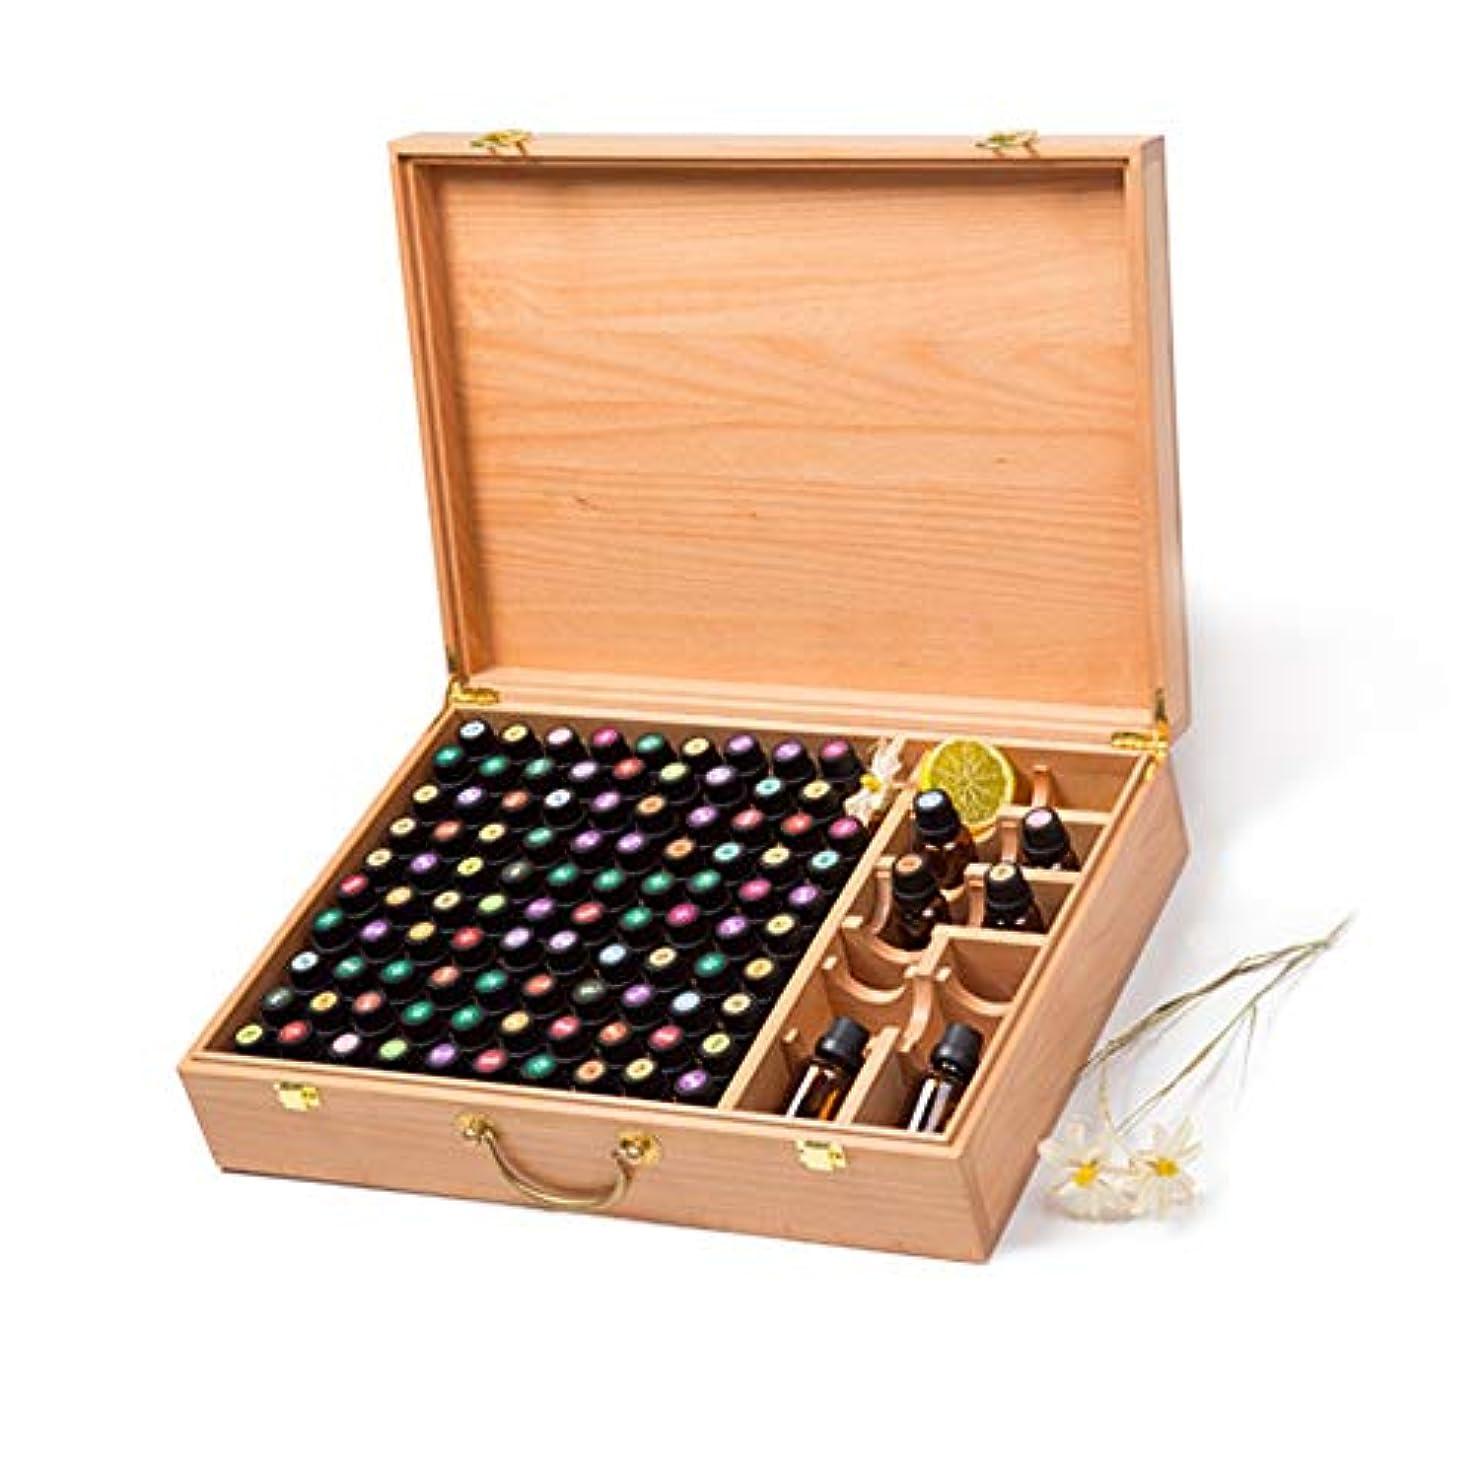 違うパーティーあなたが良くなりますエッセンシャルオイル収納ボックス ハンドルパーフェクトエッセンシャルオイルのケースでは手作りの木製エッセンシャルオイルストレージボックスは100本の油のボトルを保持します (色 : Natural, サイズ : 44X31.5X10.5CM)